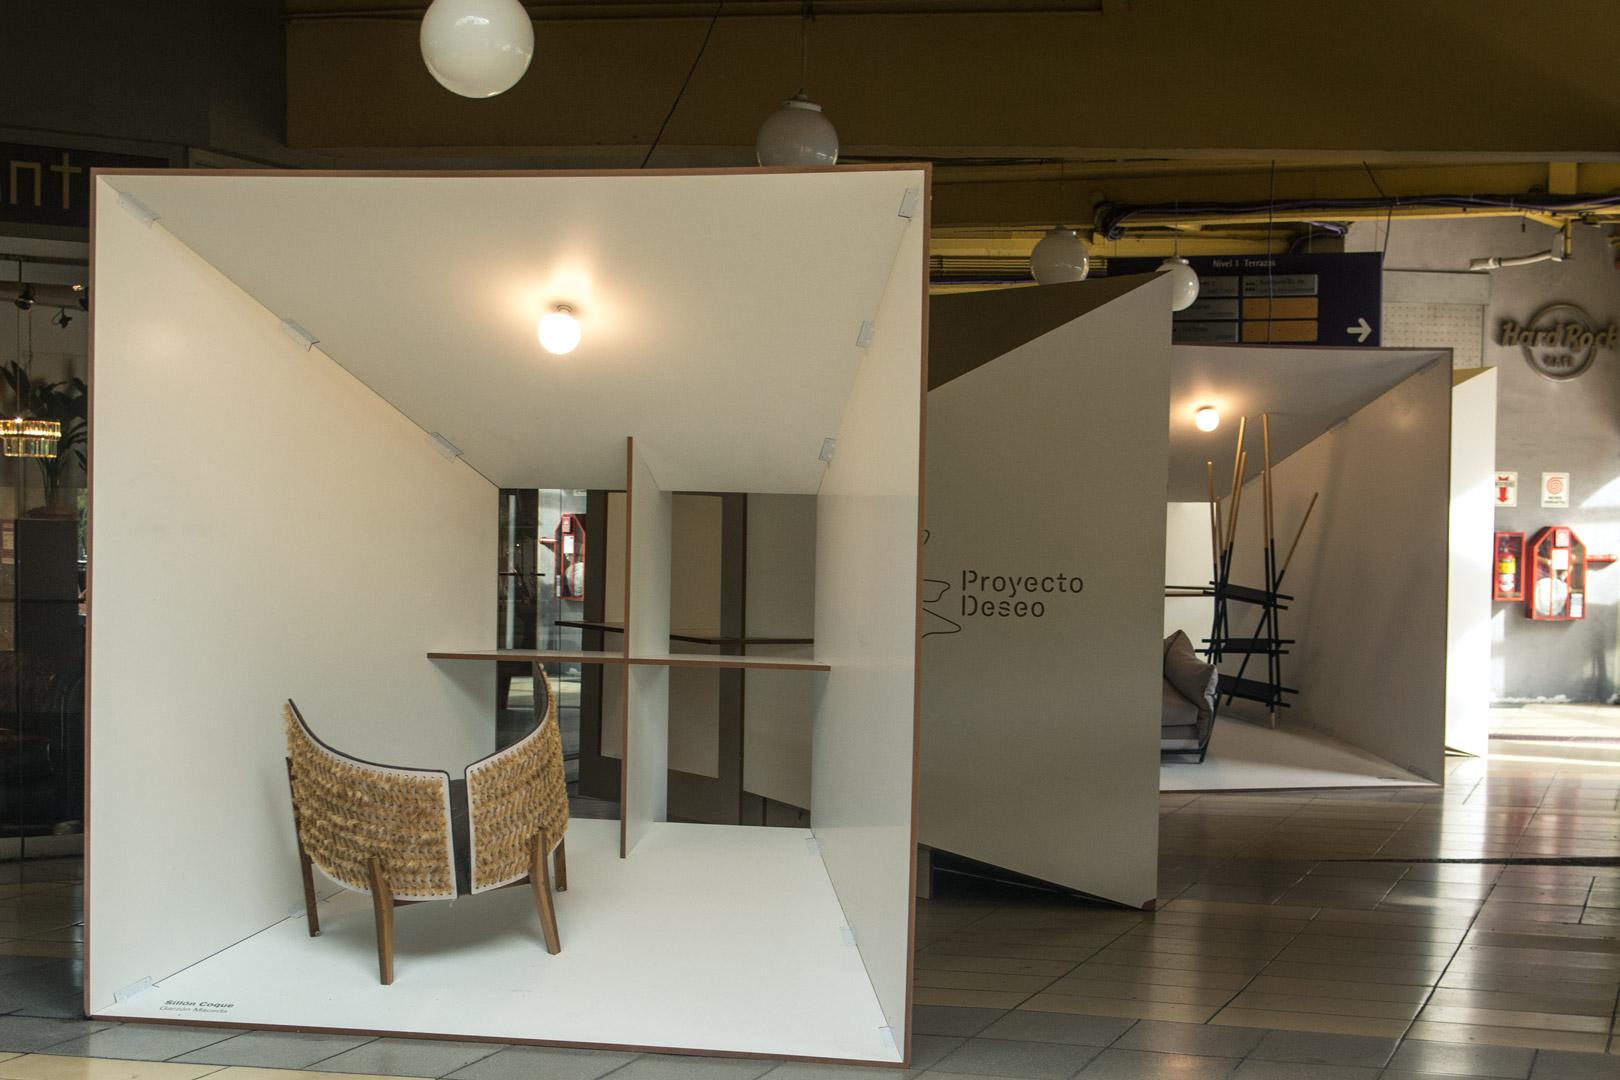 Exhibición muebles Proyecto Deseo 30 diseño estratégico